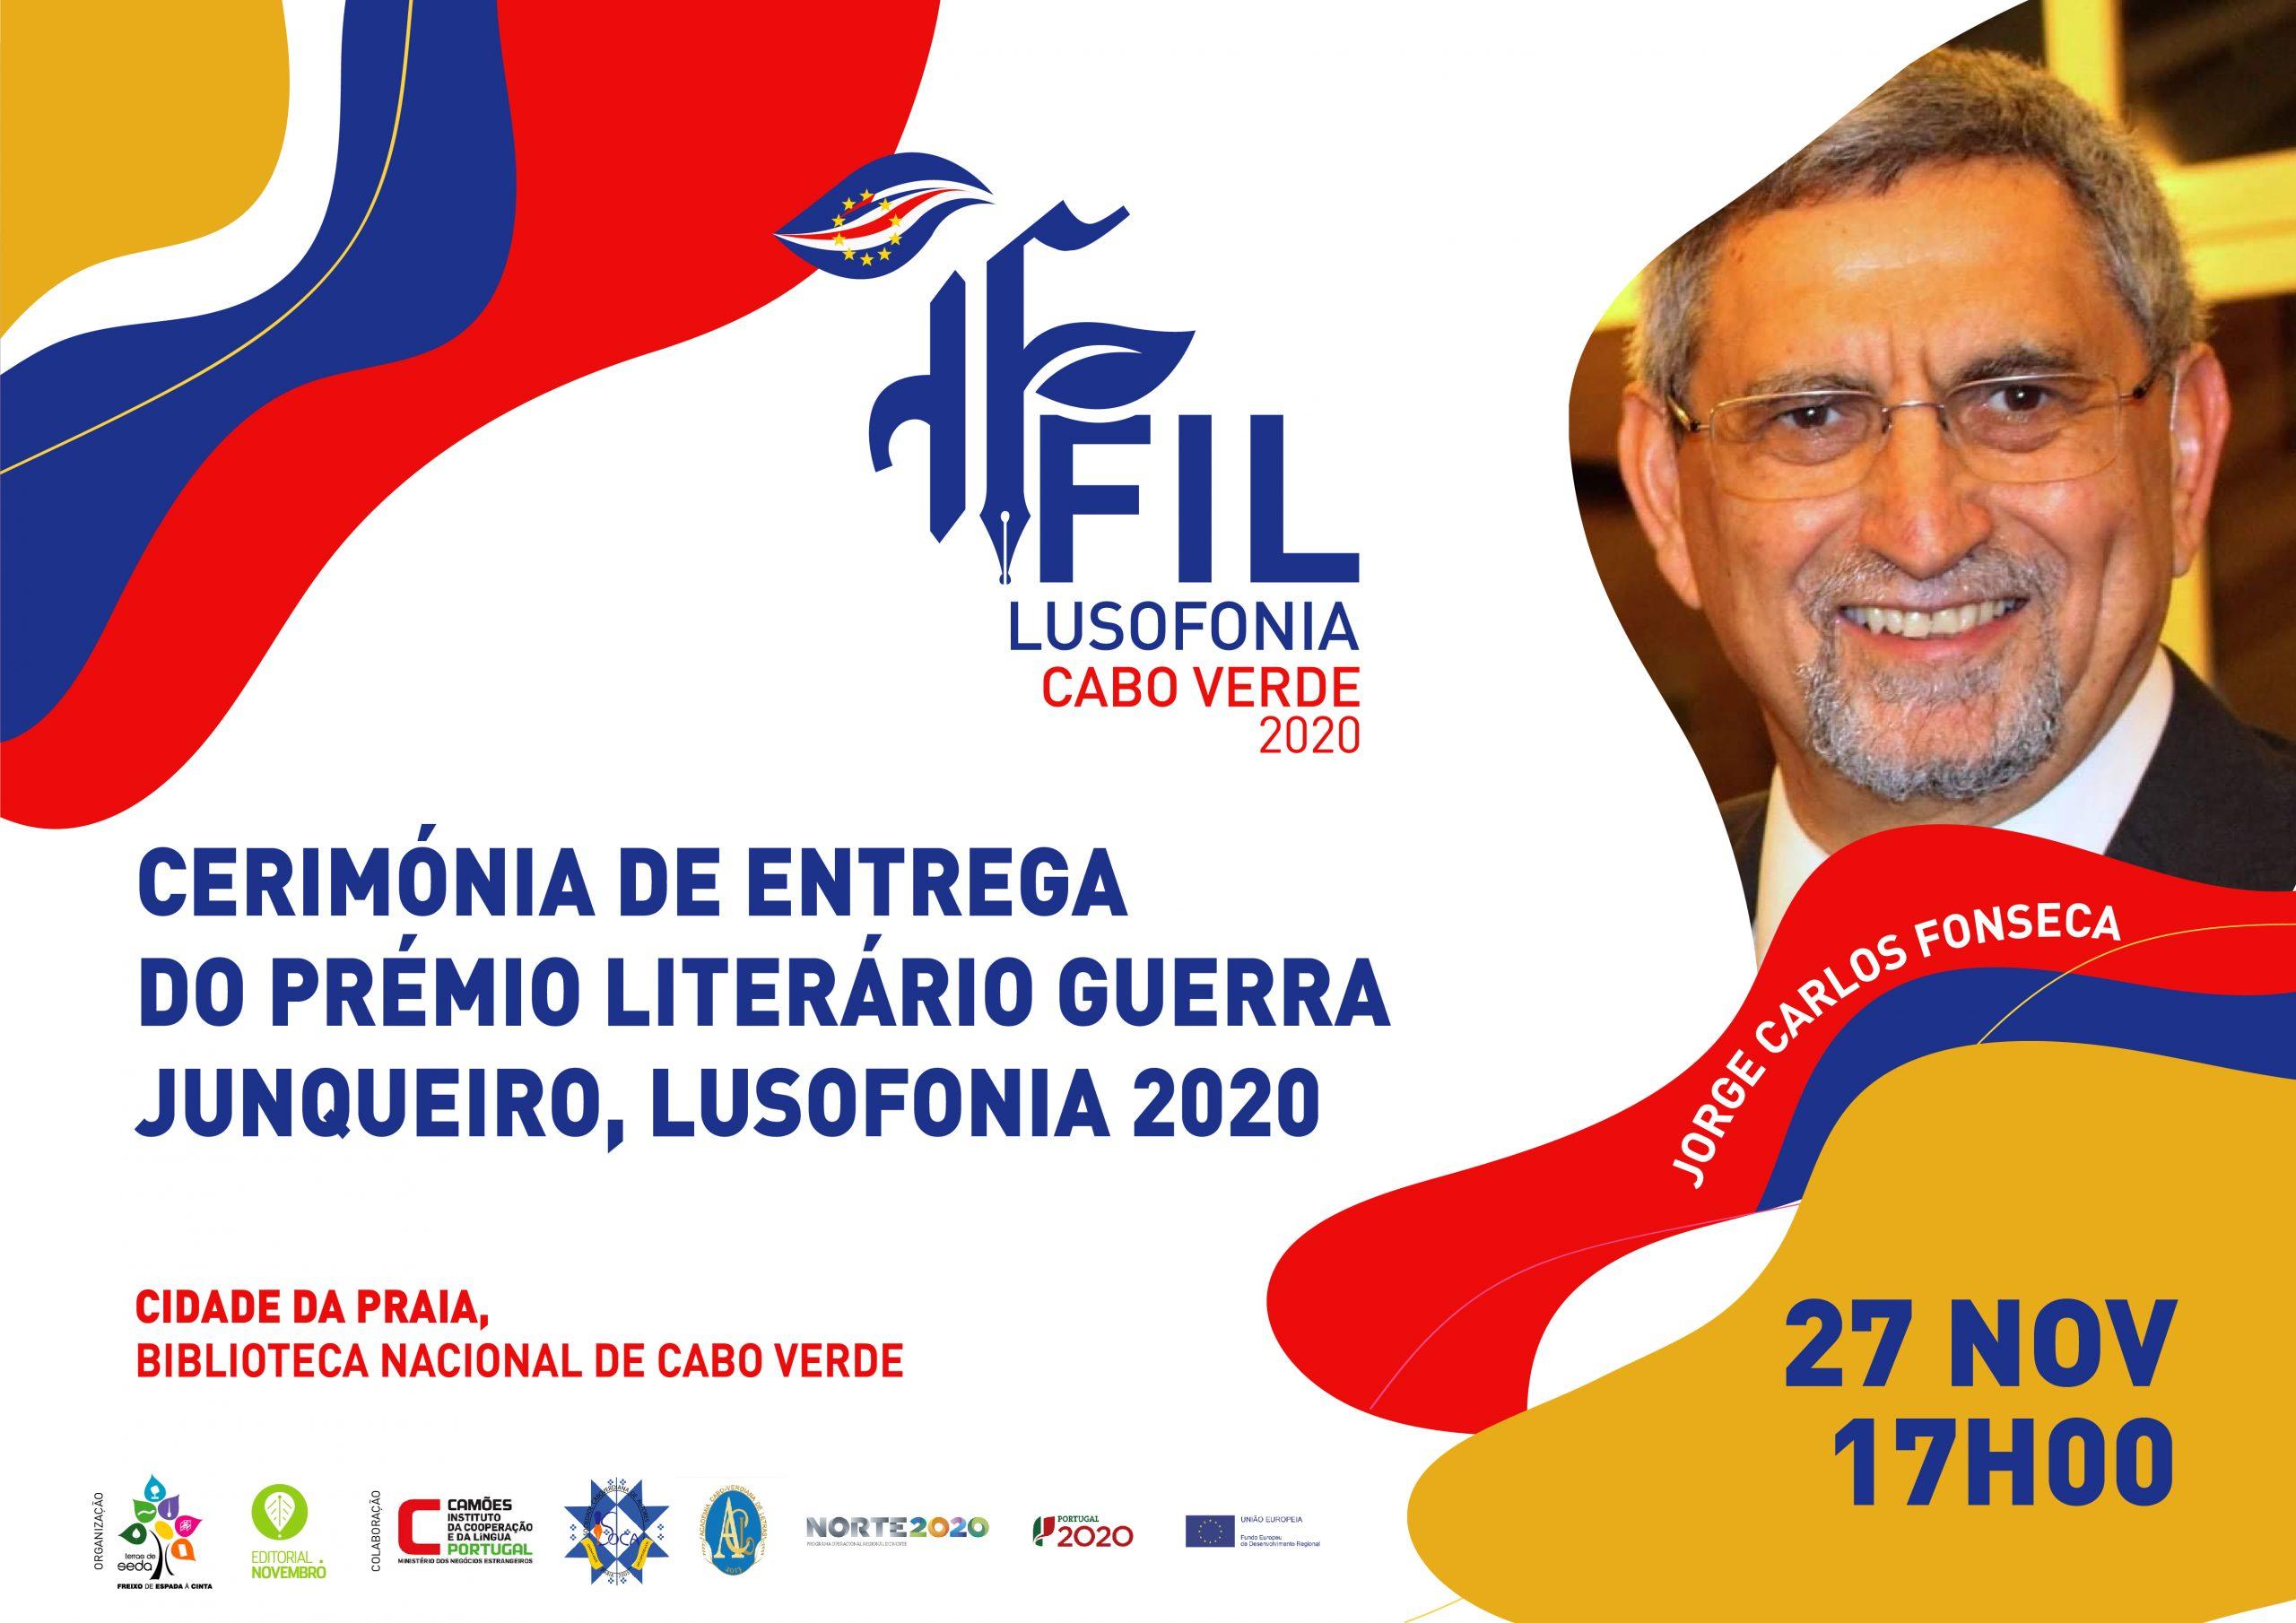 Cerimónia de entrega do Prémio Literário Guerra Junqueiro, Lusofonia 2020